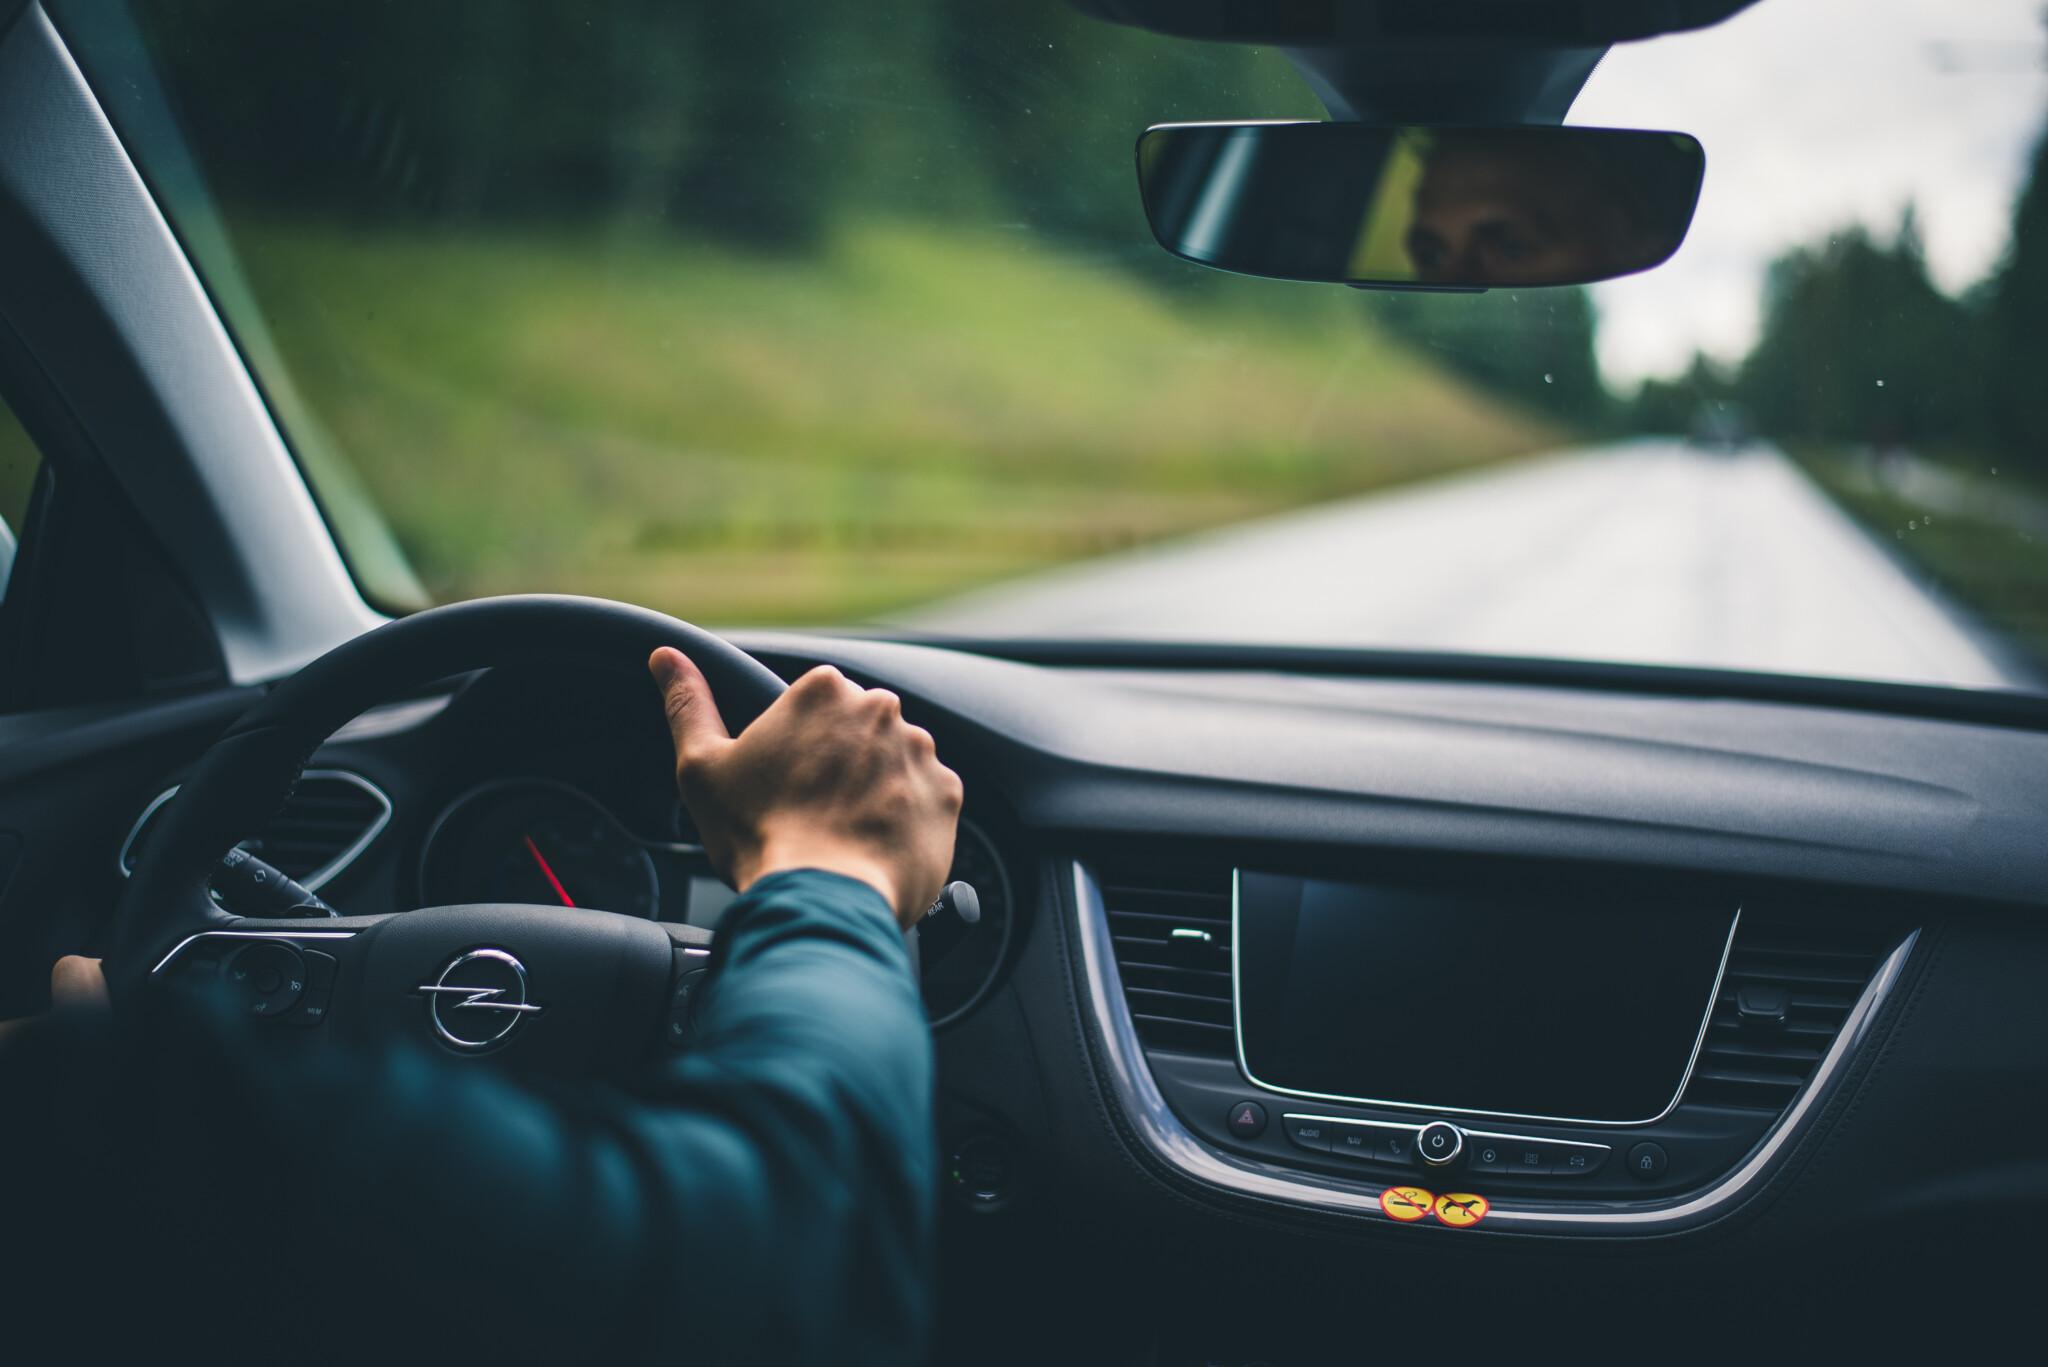 Roadtrip with Europcar in Rovaniemi Lapland Finland